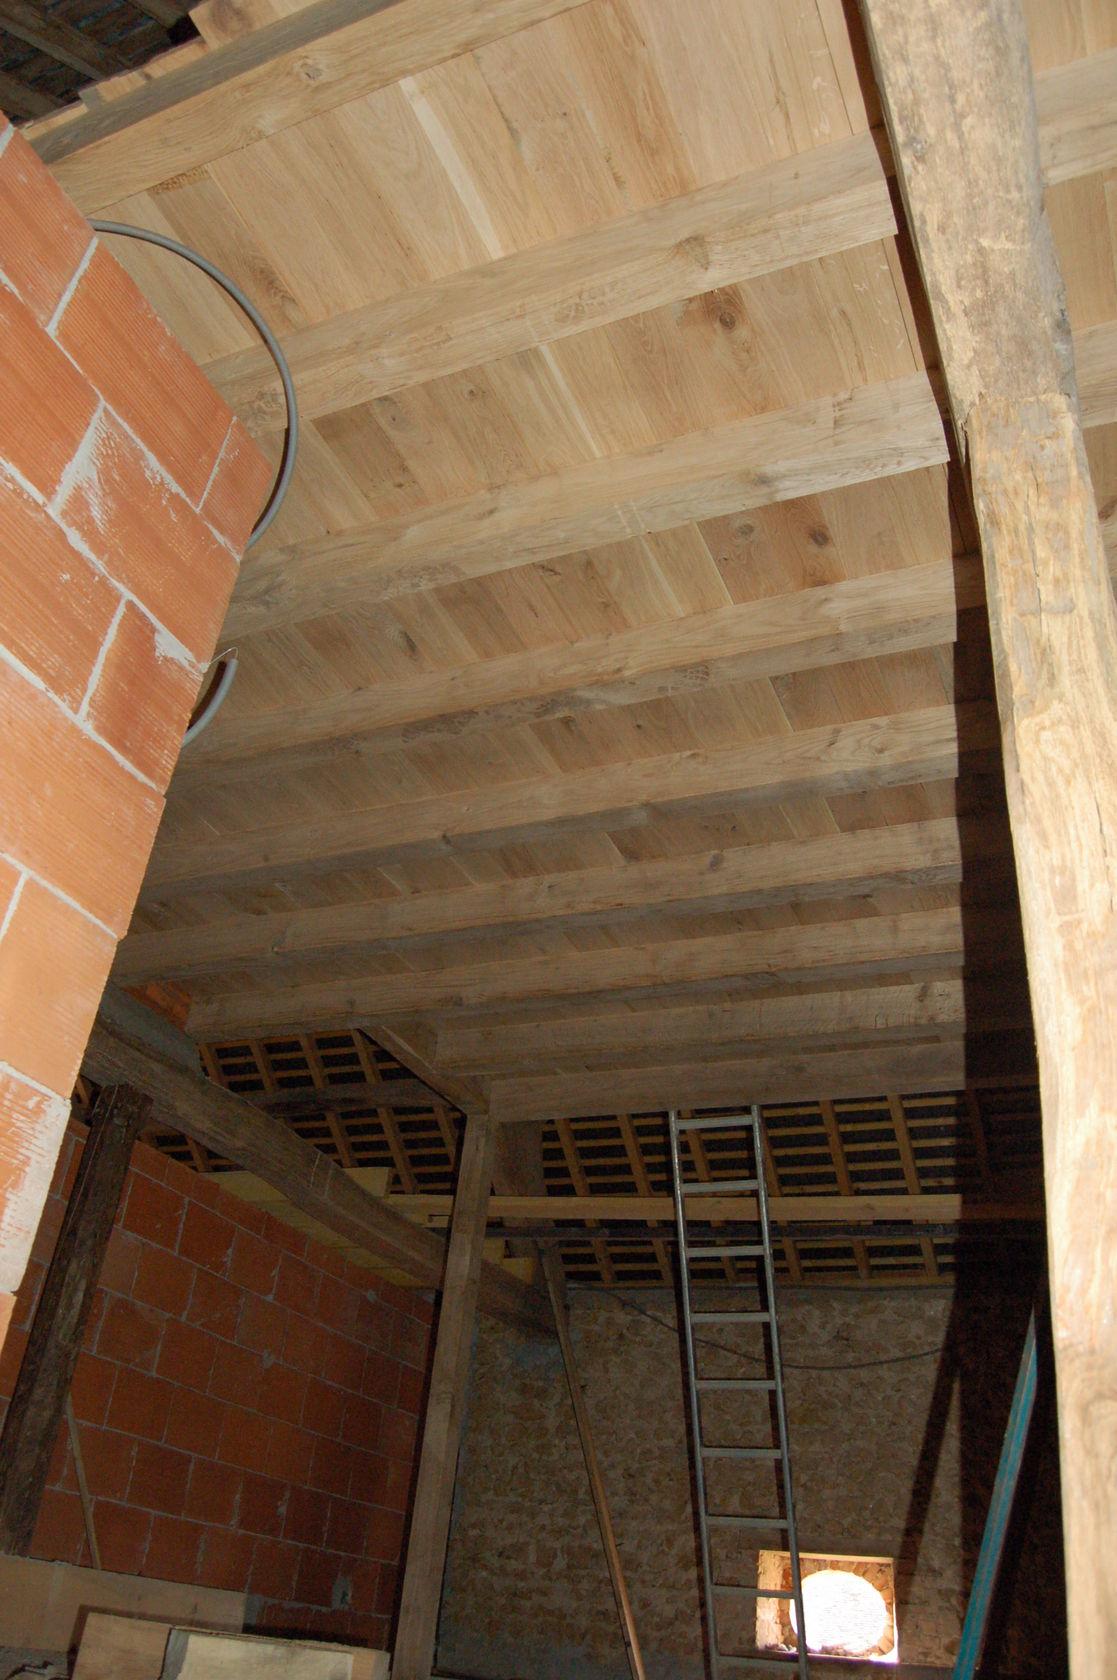 Mezzanines chambres solivage et plancher for Chambre sociale 13 octobre 2010